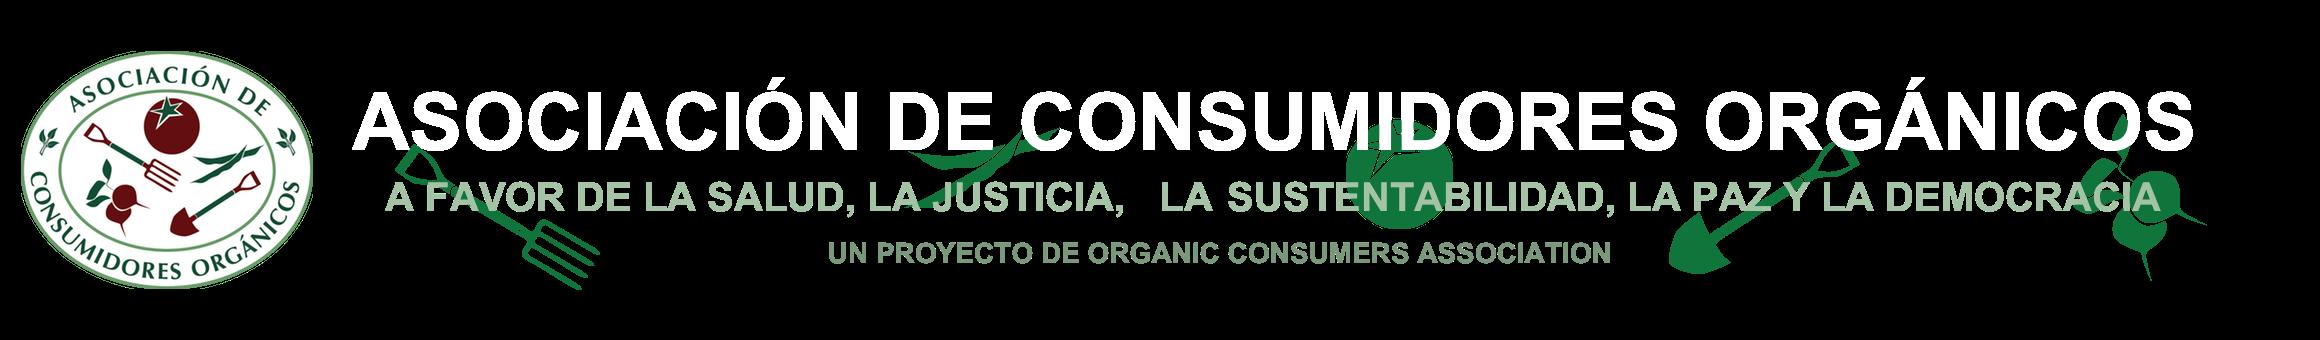 Asocación de Consumidores Organicos